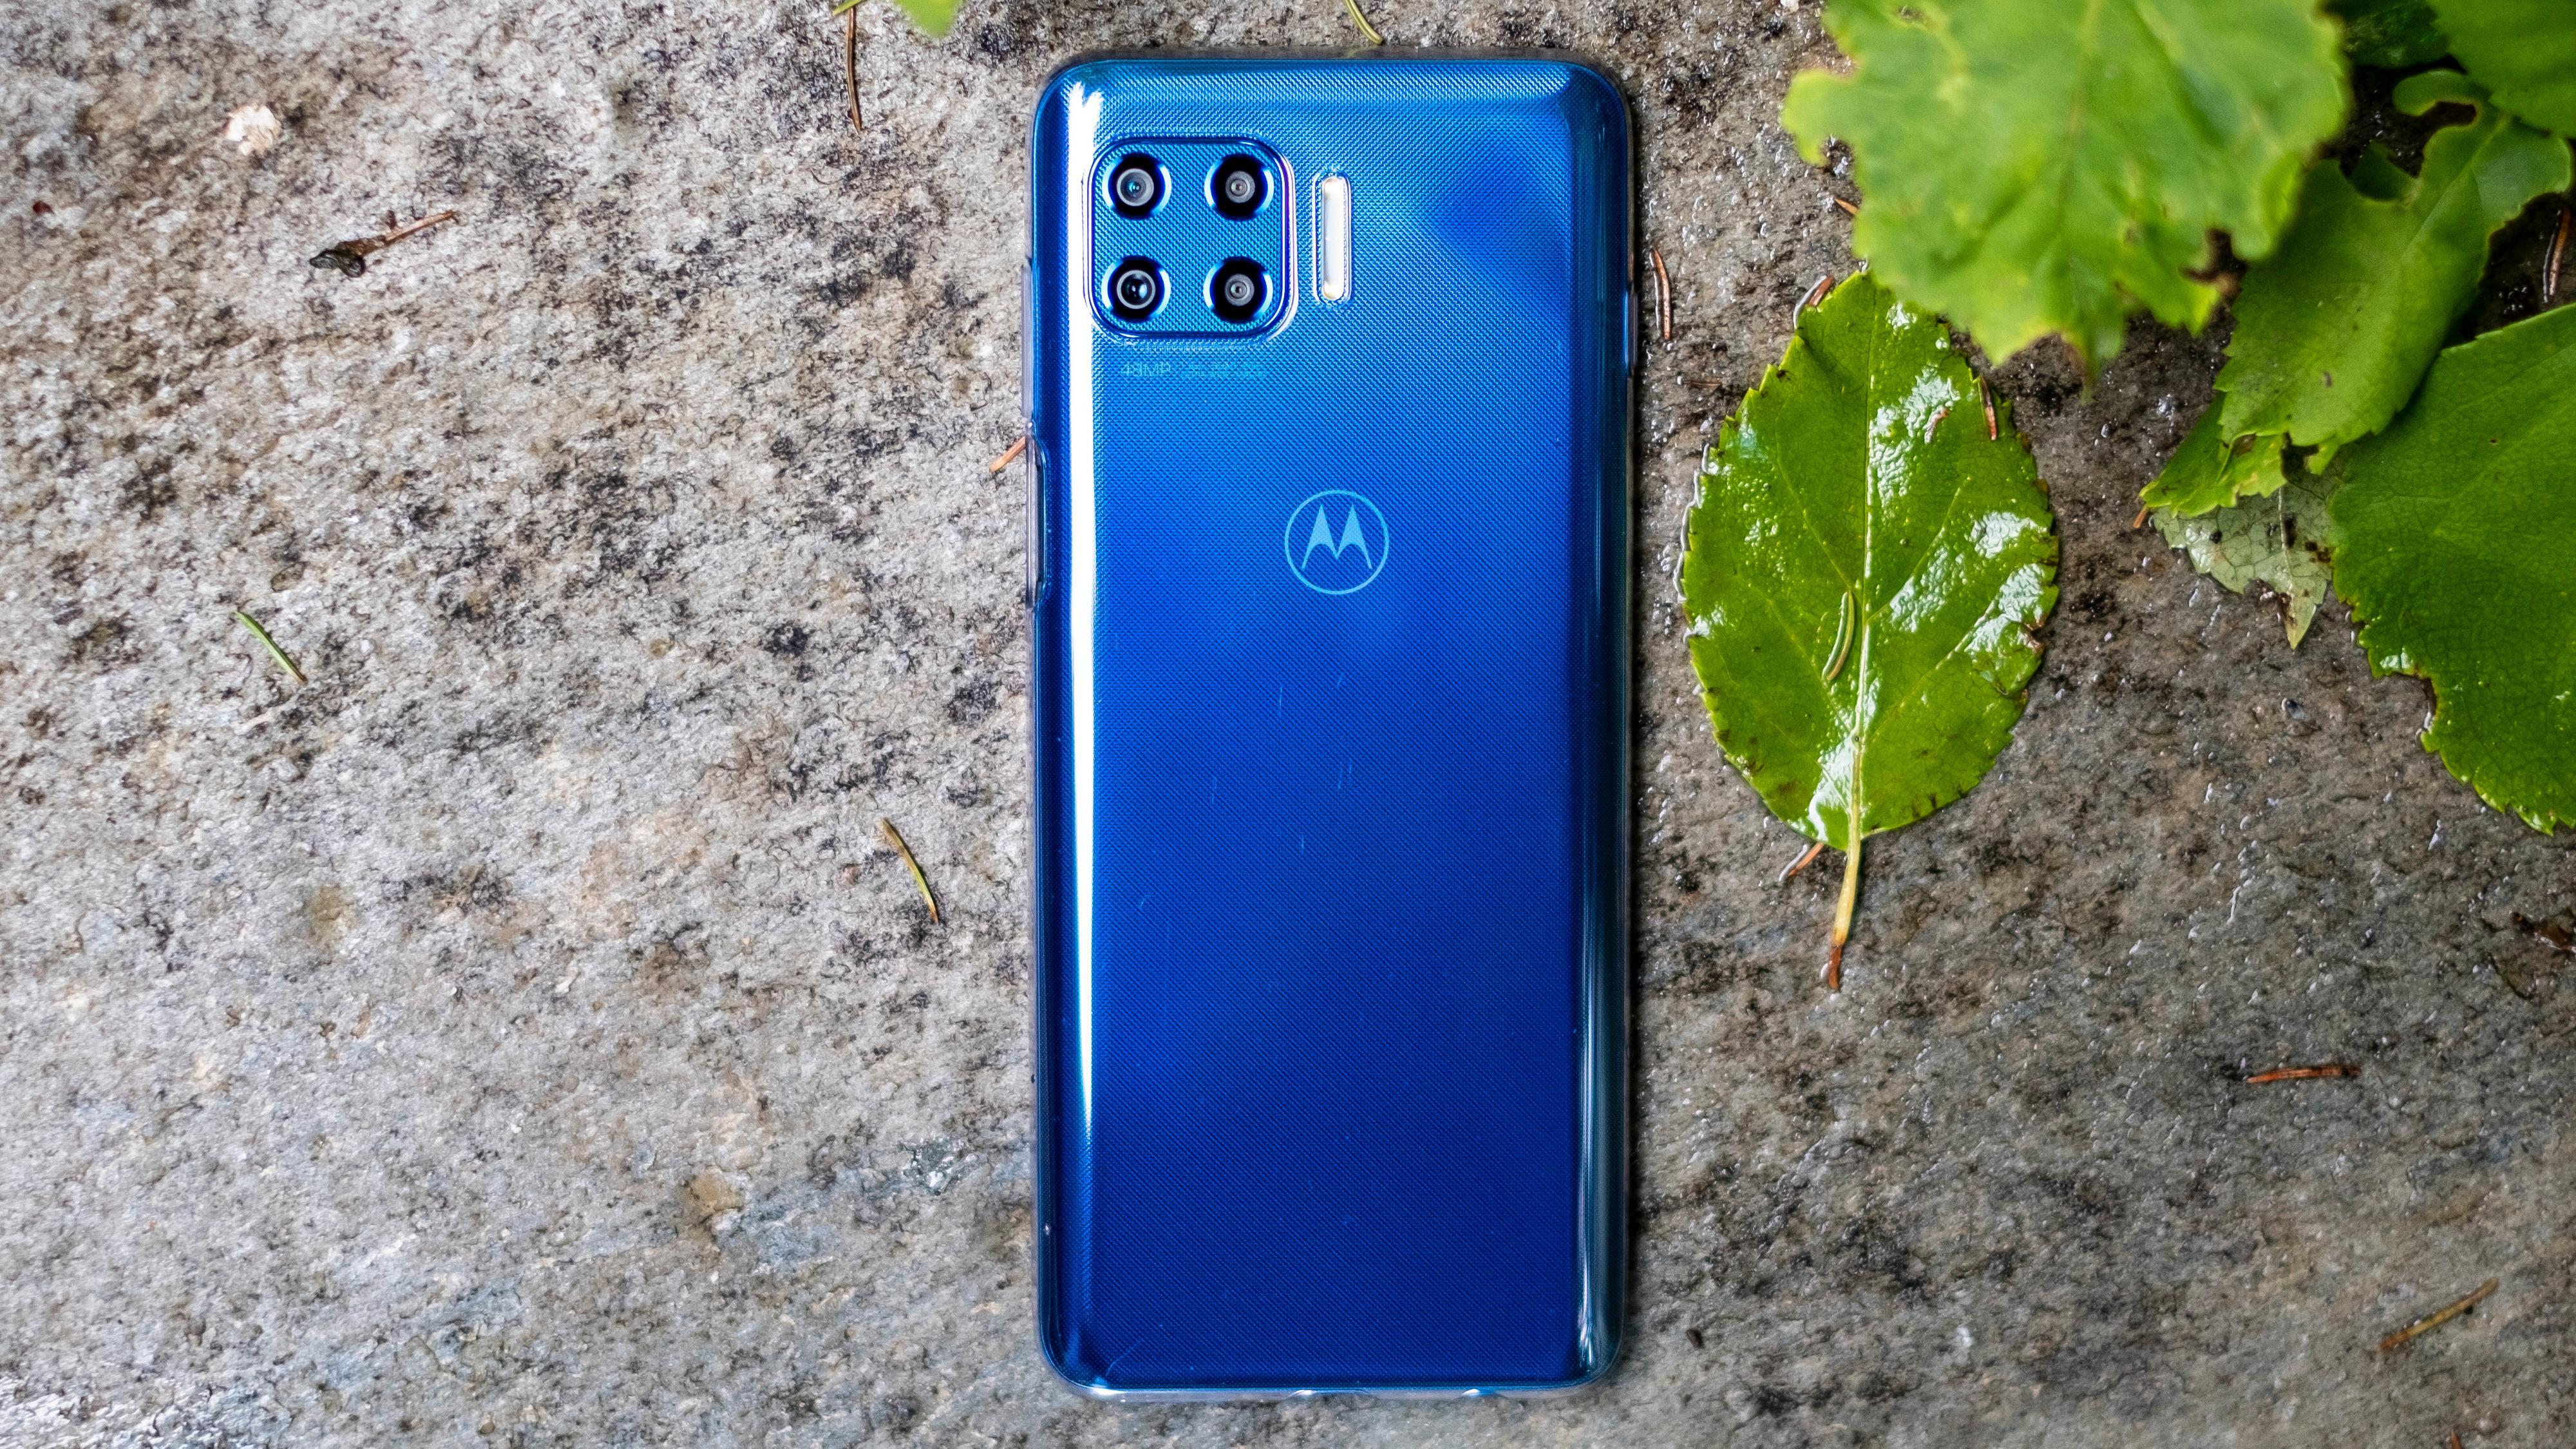 Det er en fotogen telefon vi har med å gjøre her. Men noen spørsmål rundt varigheten til designen gjenstår, gitt at baksiden er laget i plast.